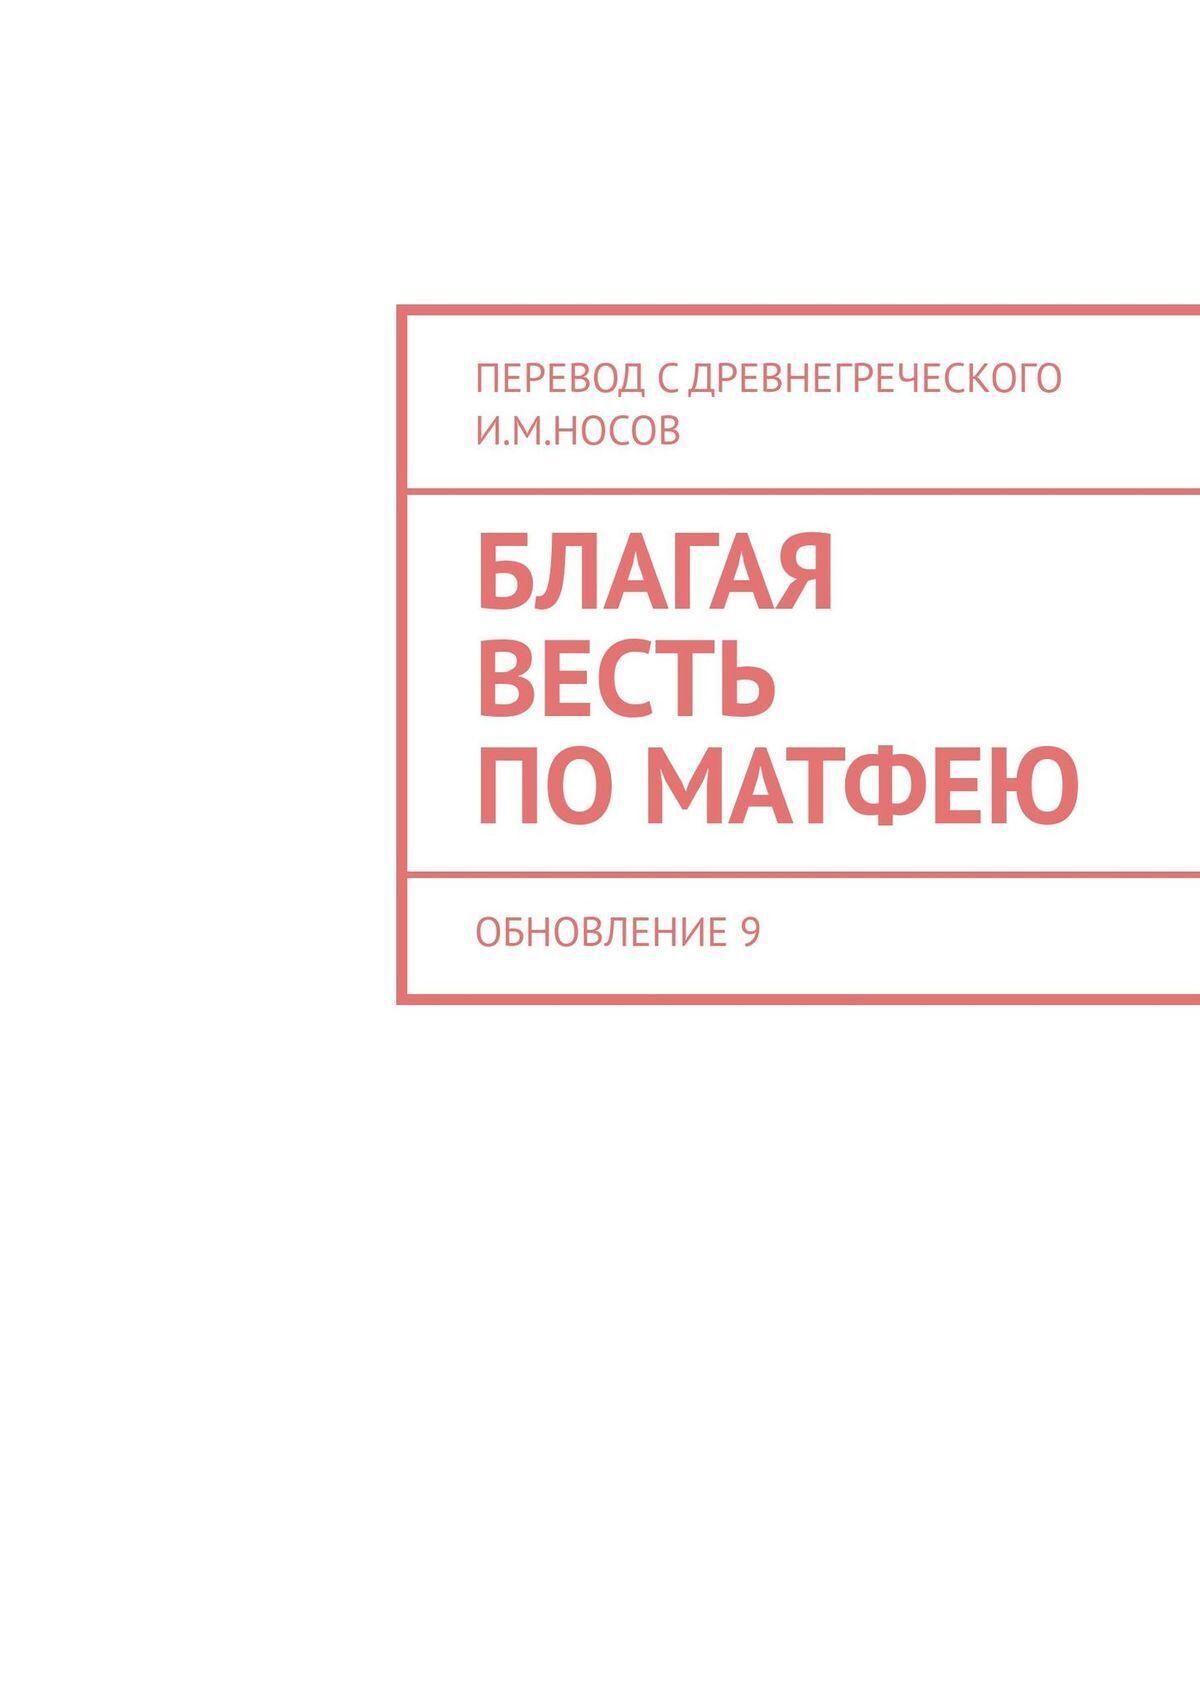 И. М. Носов Благая Весть по Матфею. Издание 2-ое